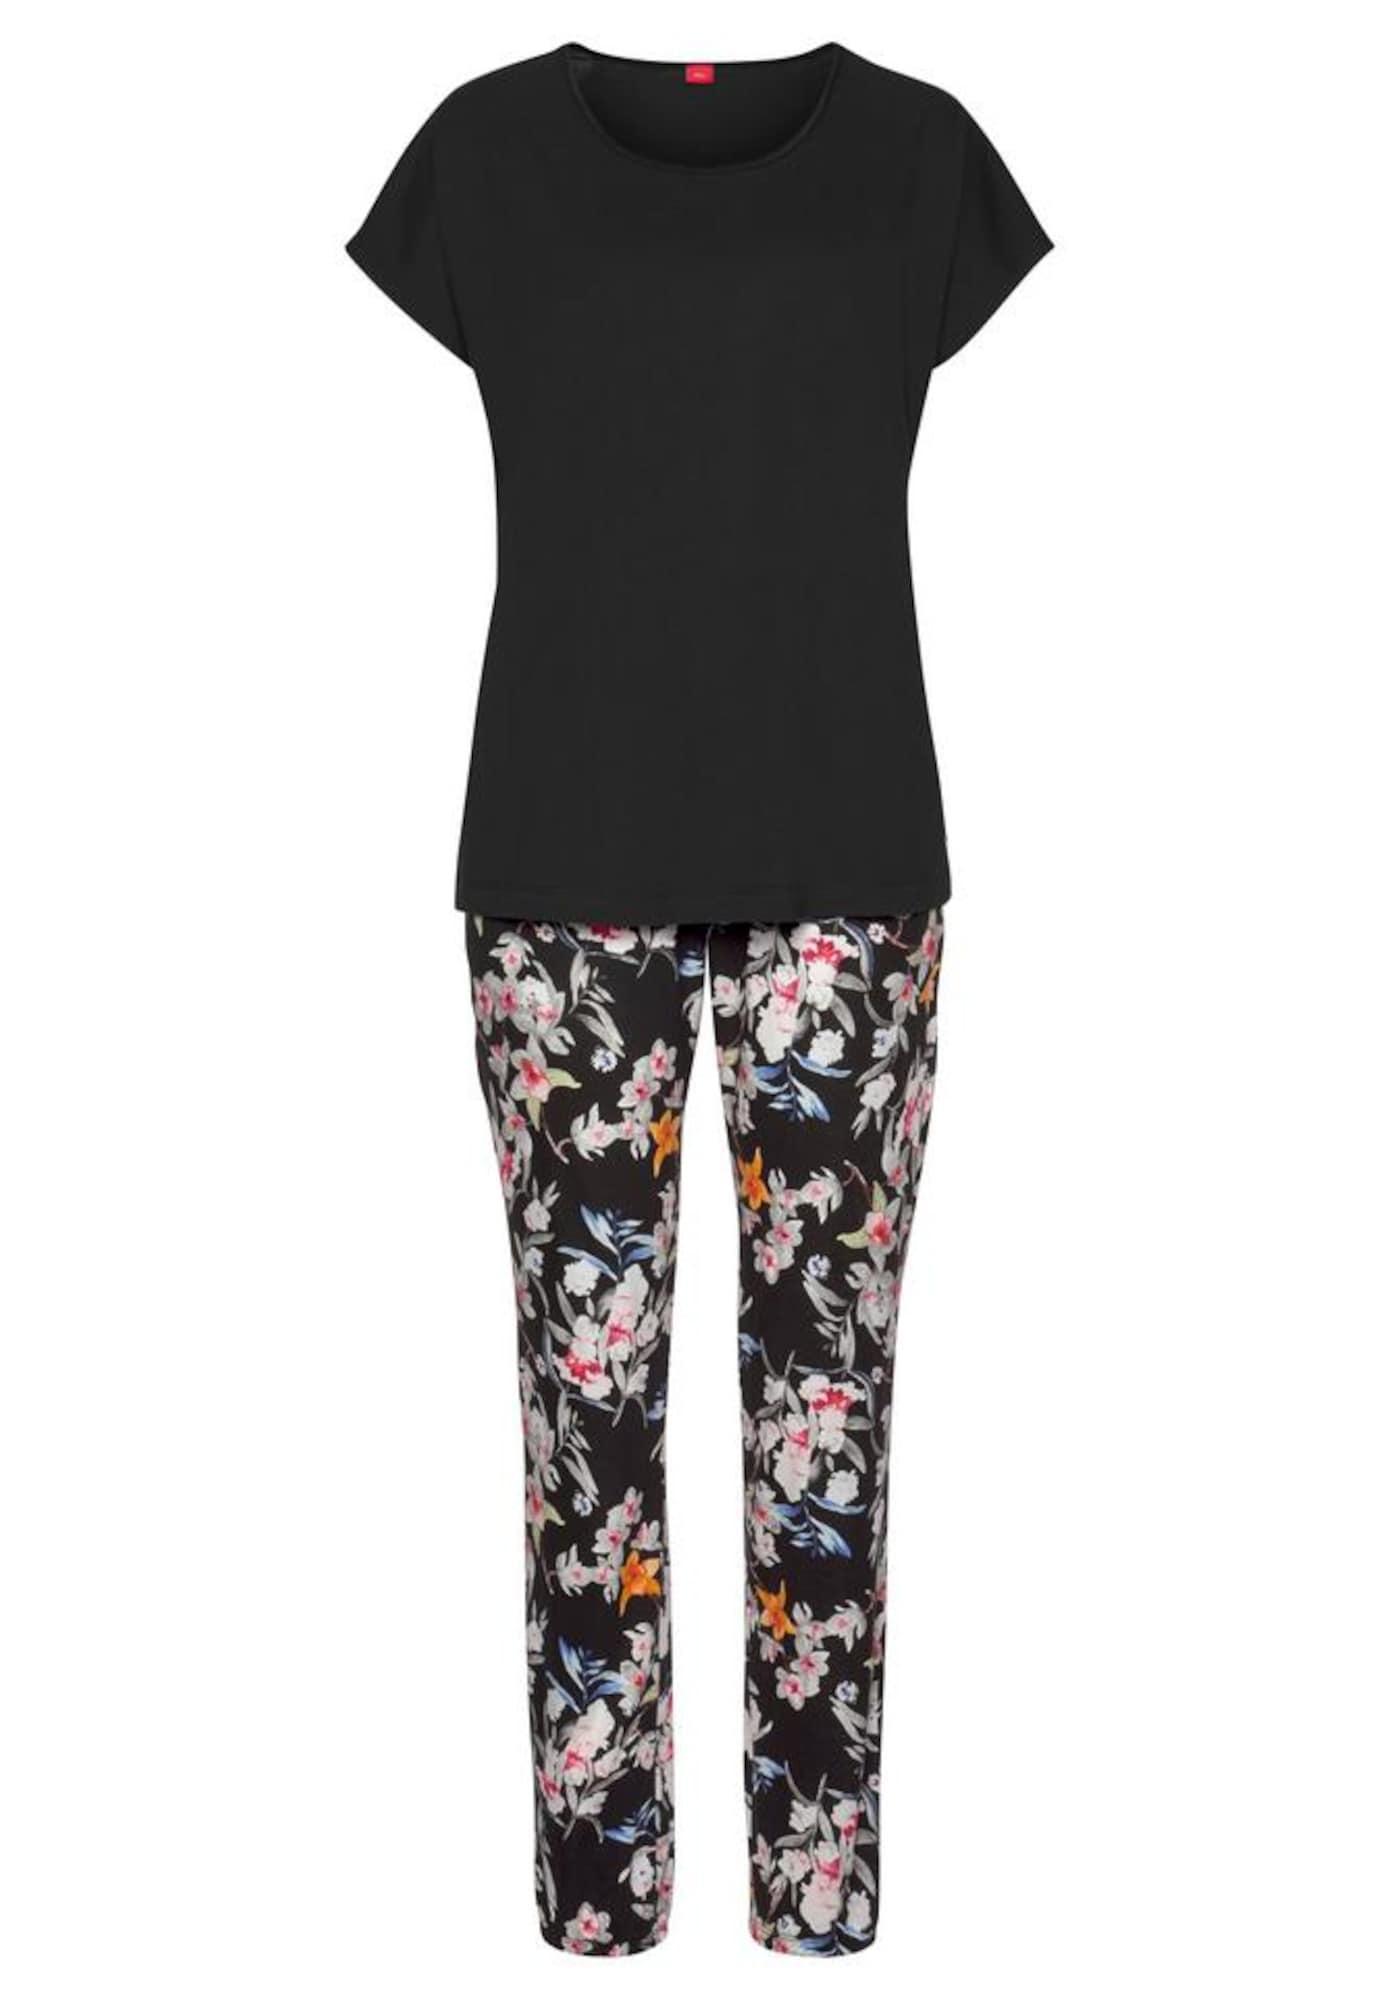 Pyjama | Bekleidung > Nachtwäsche > Pyjamas | s.Oliver